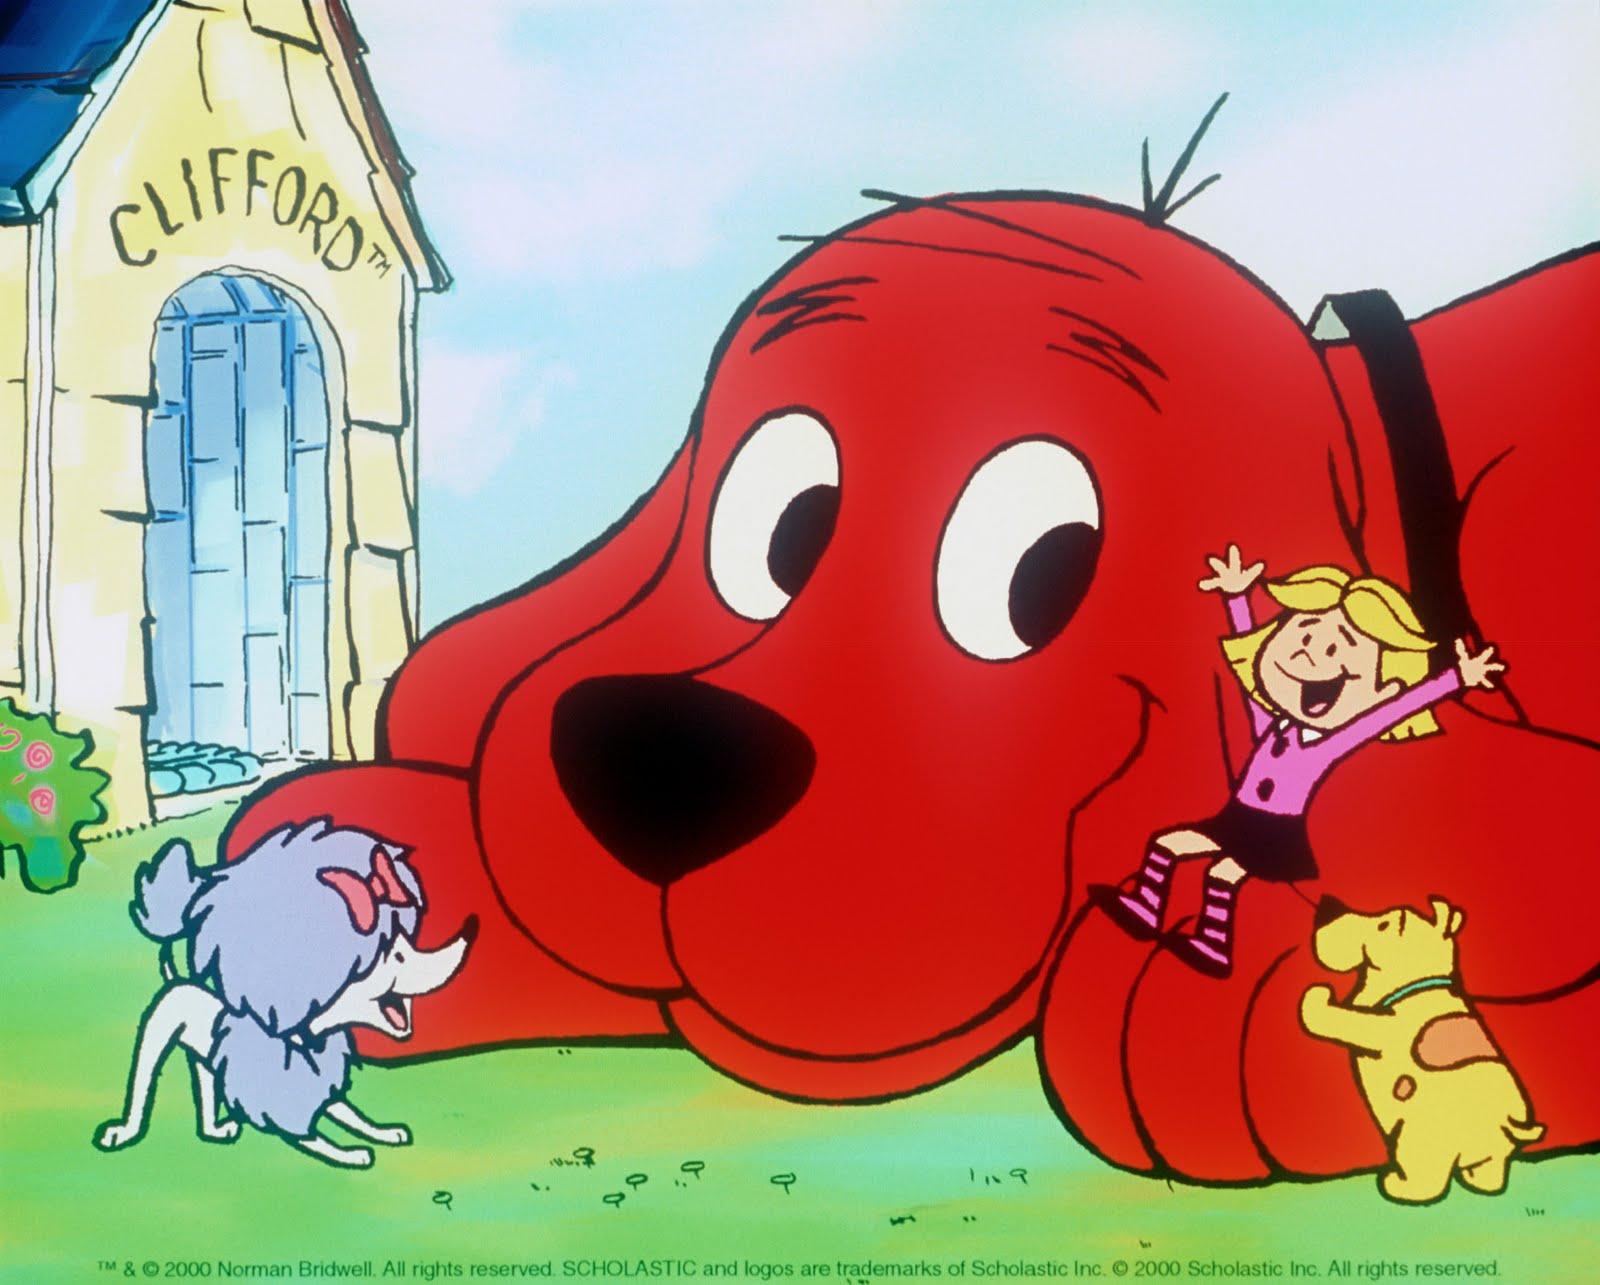 Imagenes de dibujos animados: Clifford